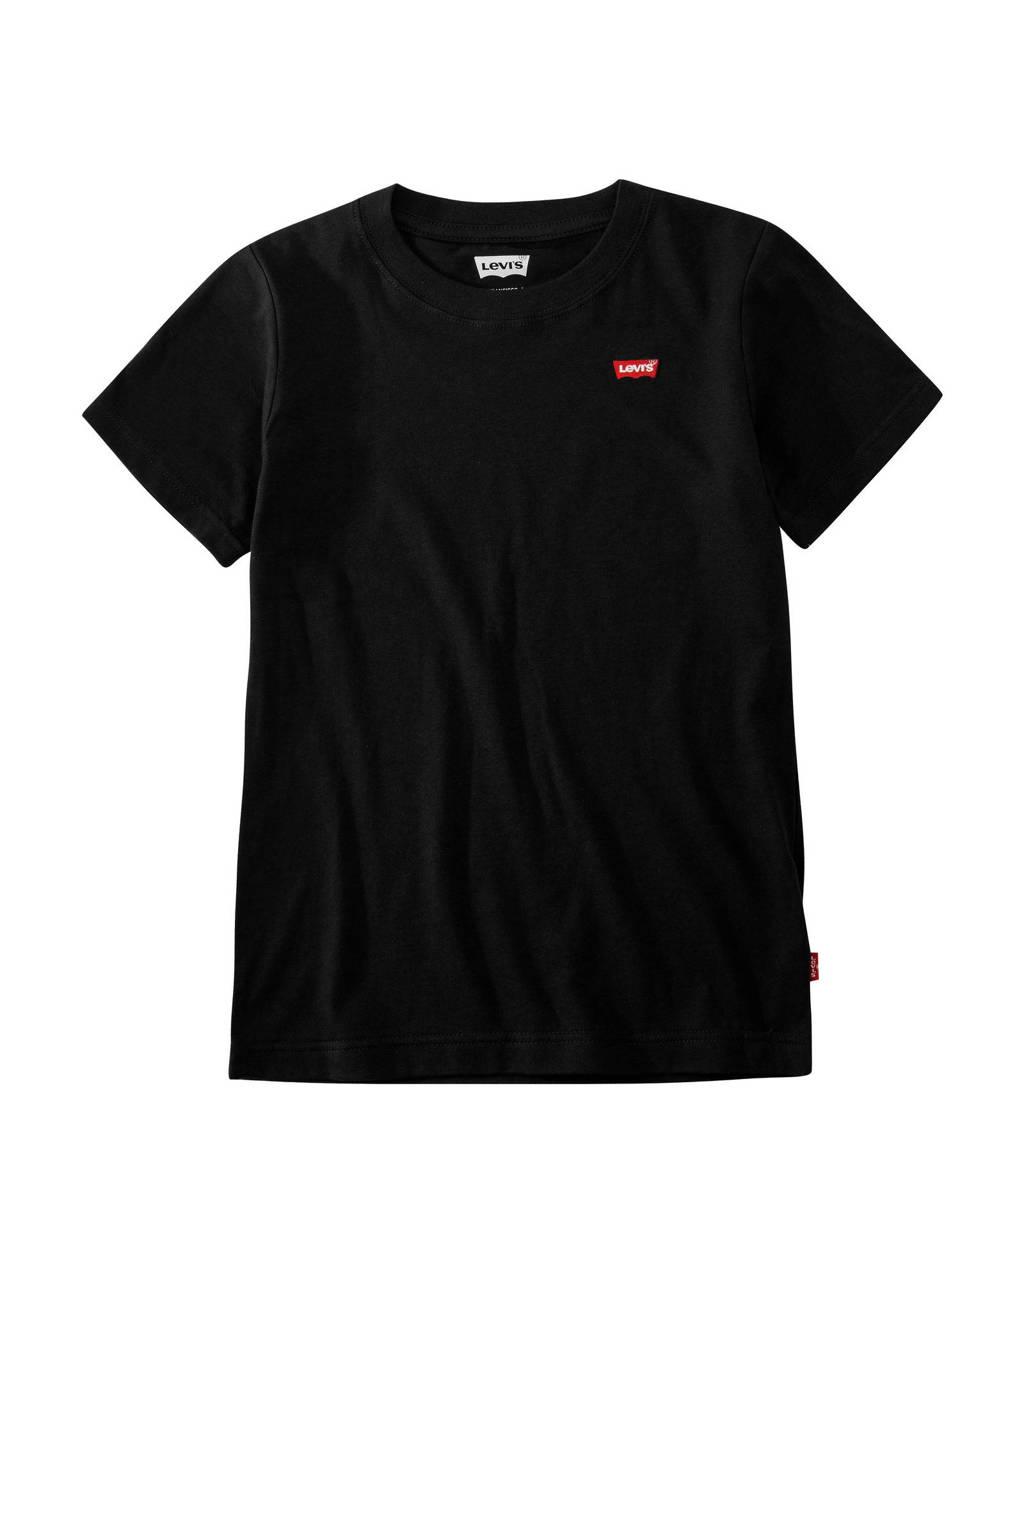 Levi's Kids basic T-shirt Batwing chest zwart, Zwart